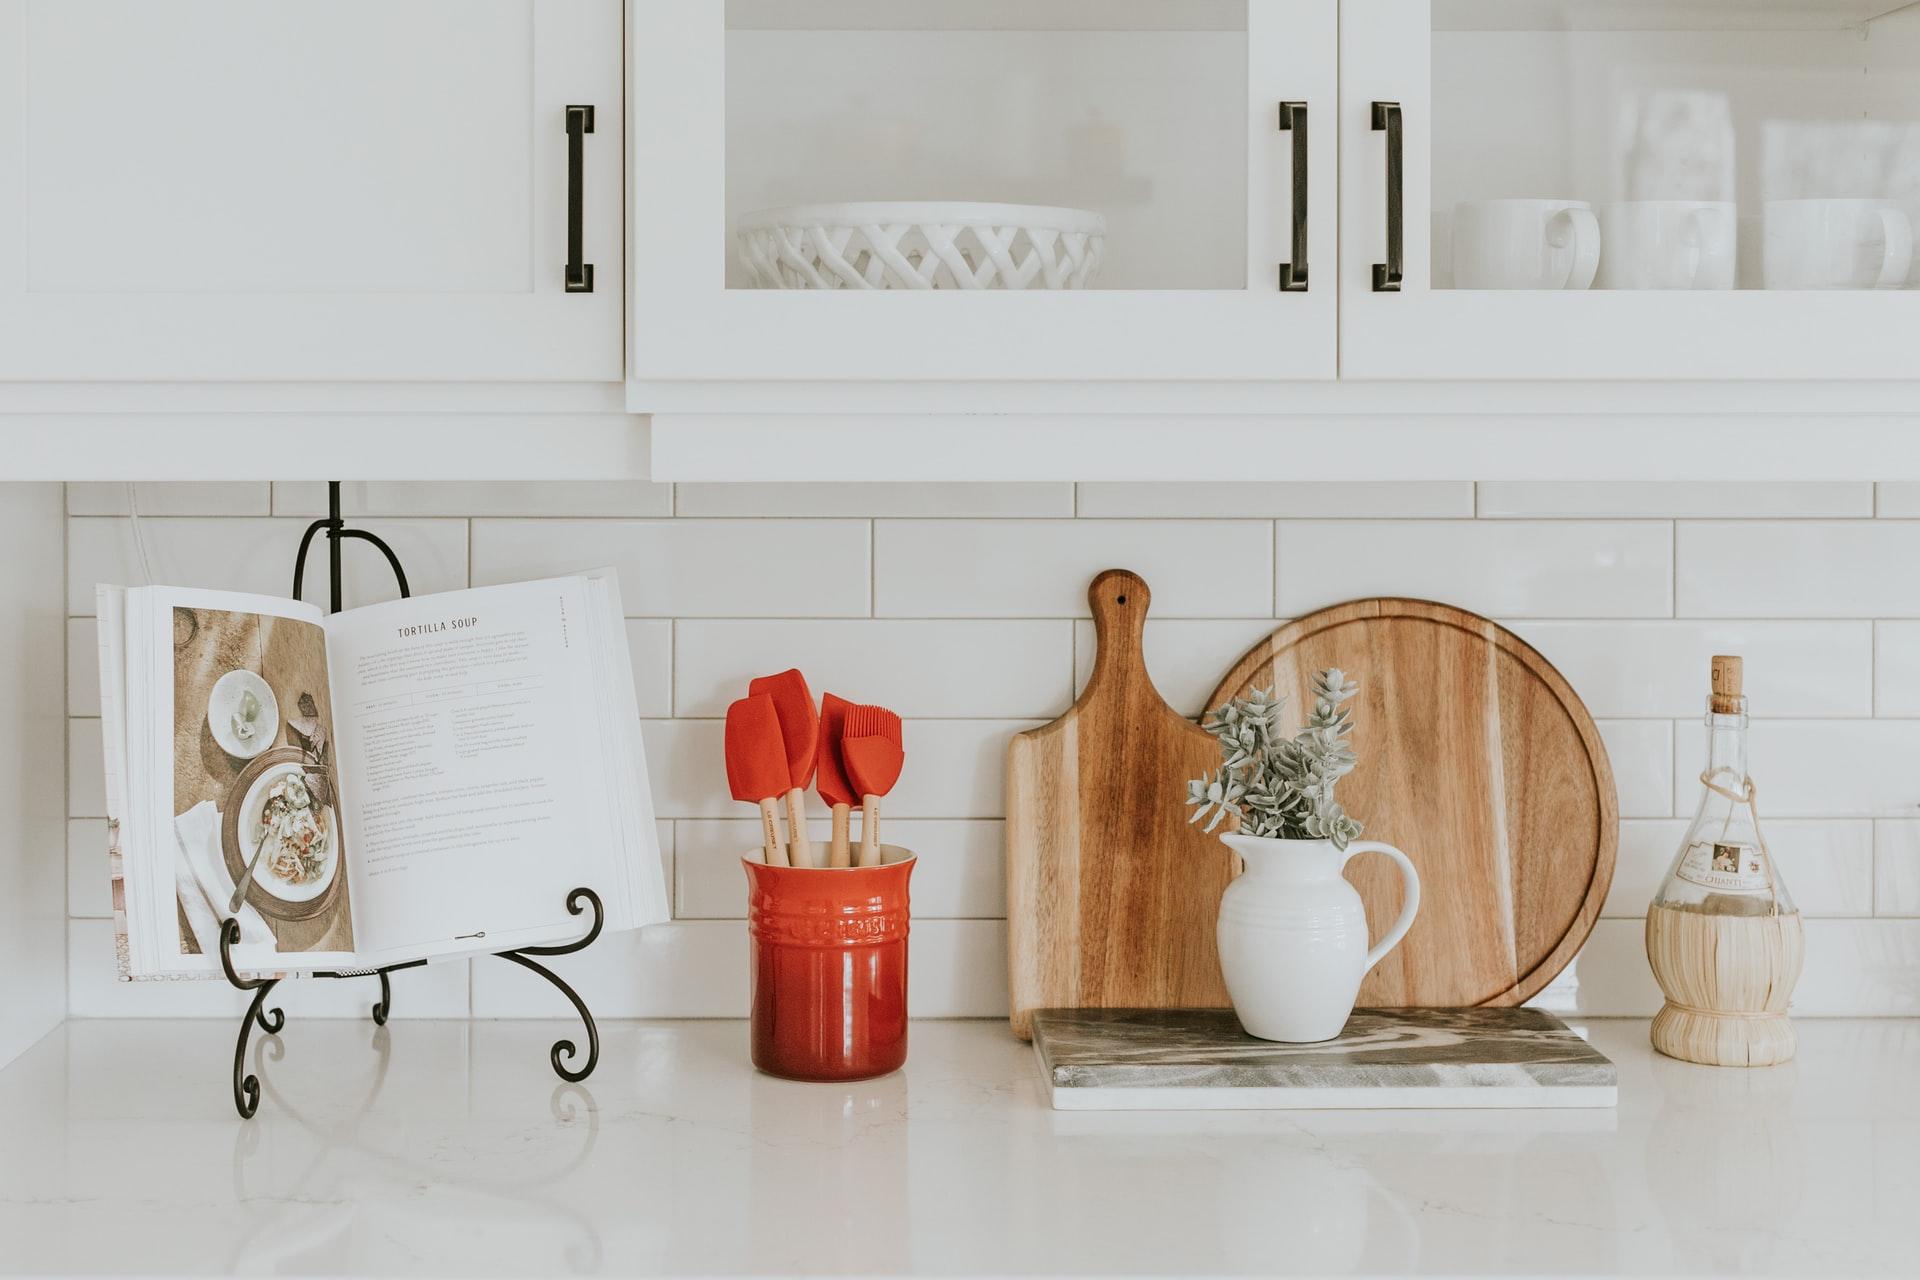 recipe websites